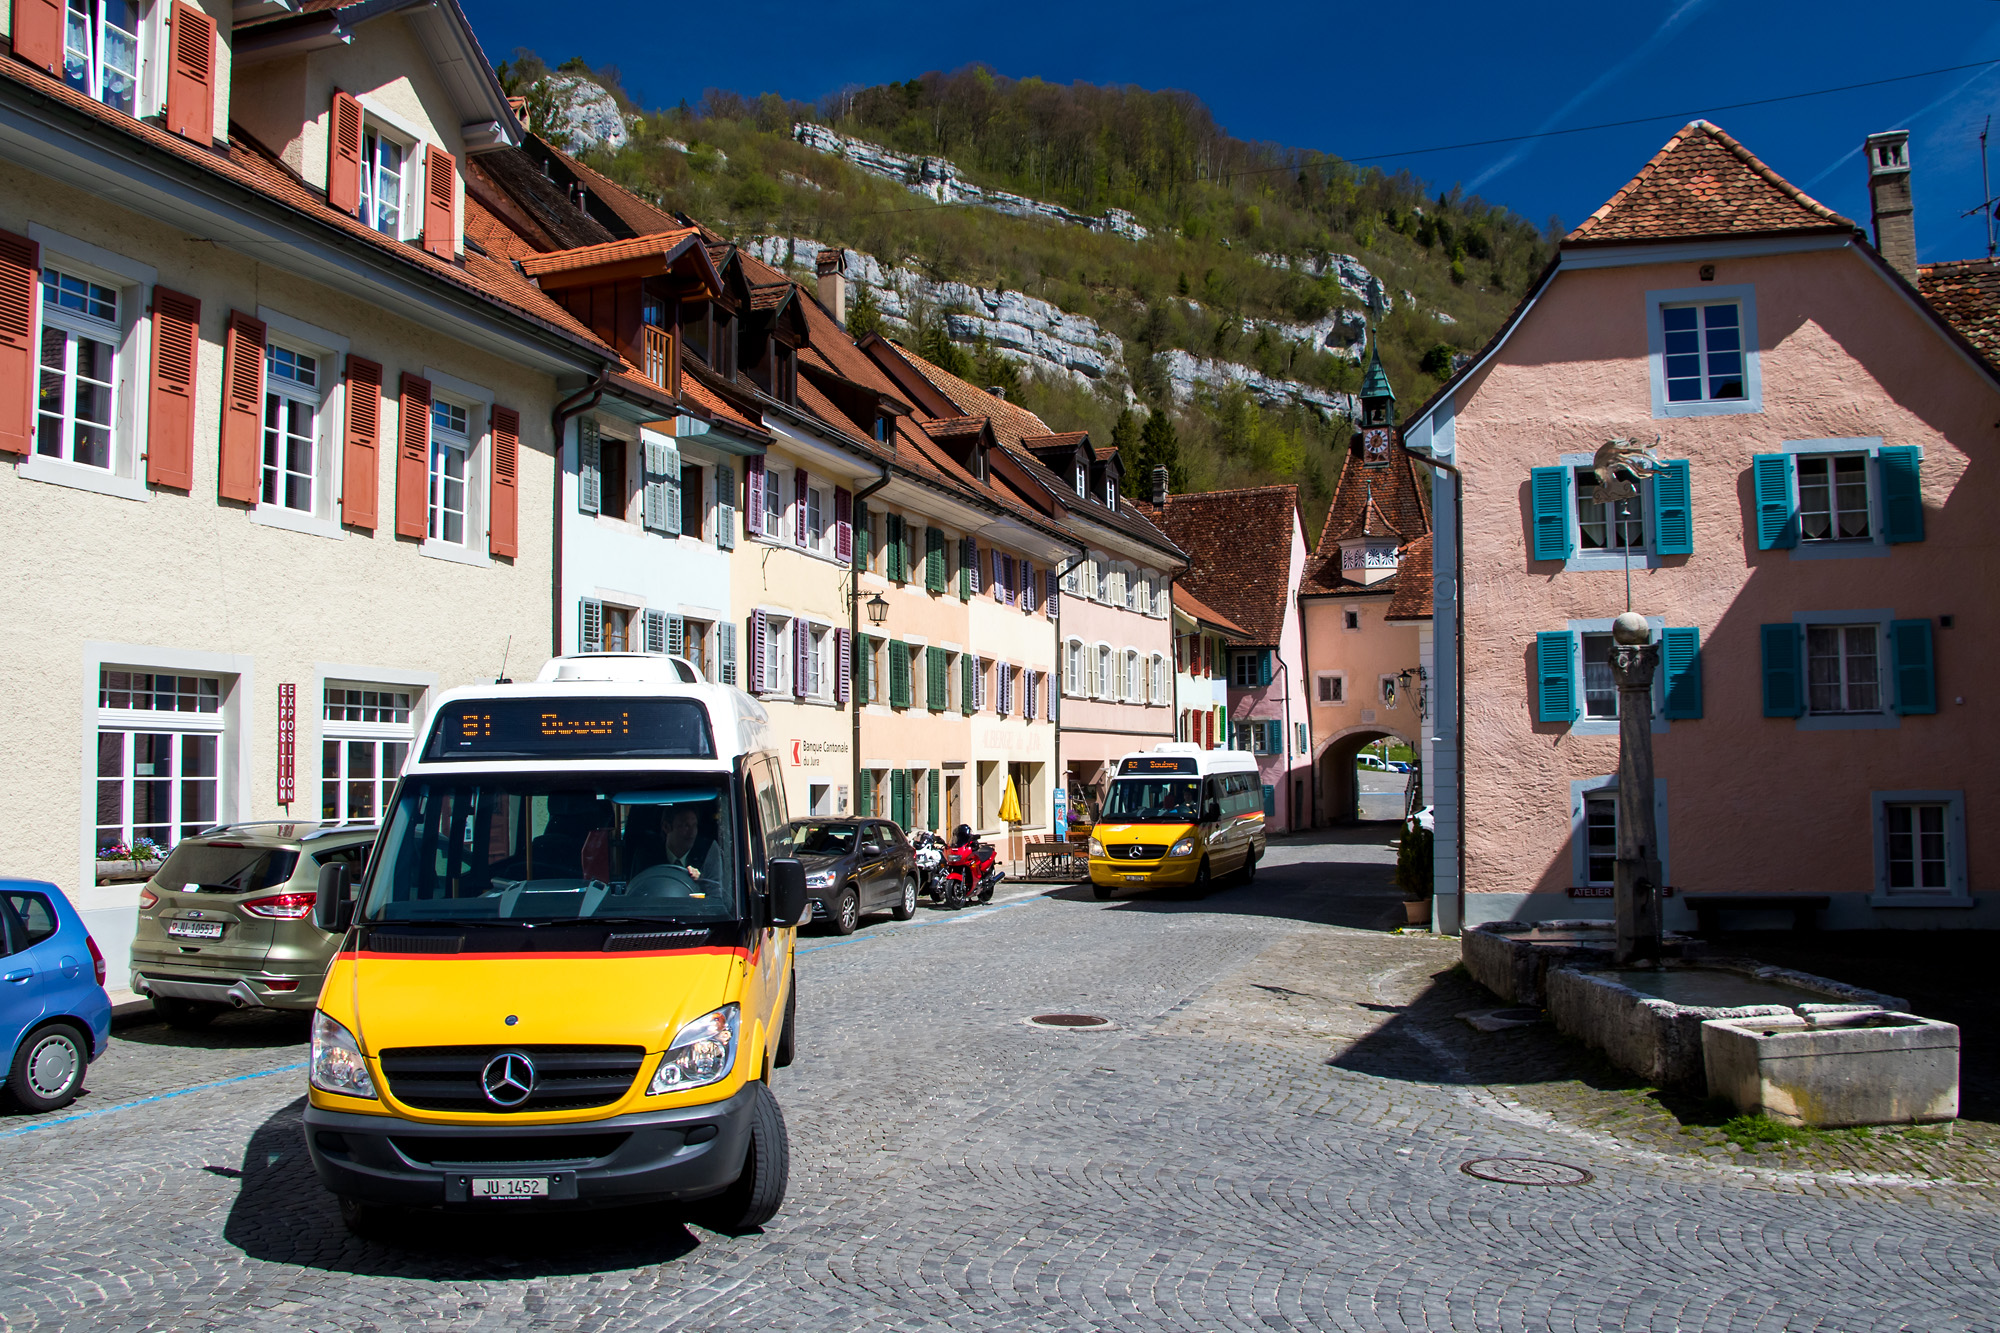 Postauto-Umzug der zwei Mittagskurse durch die Altstadt von St. Ursanne (JU)